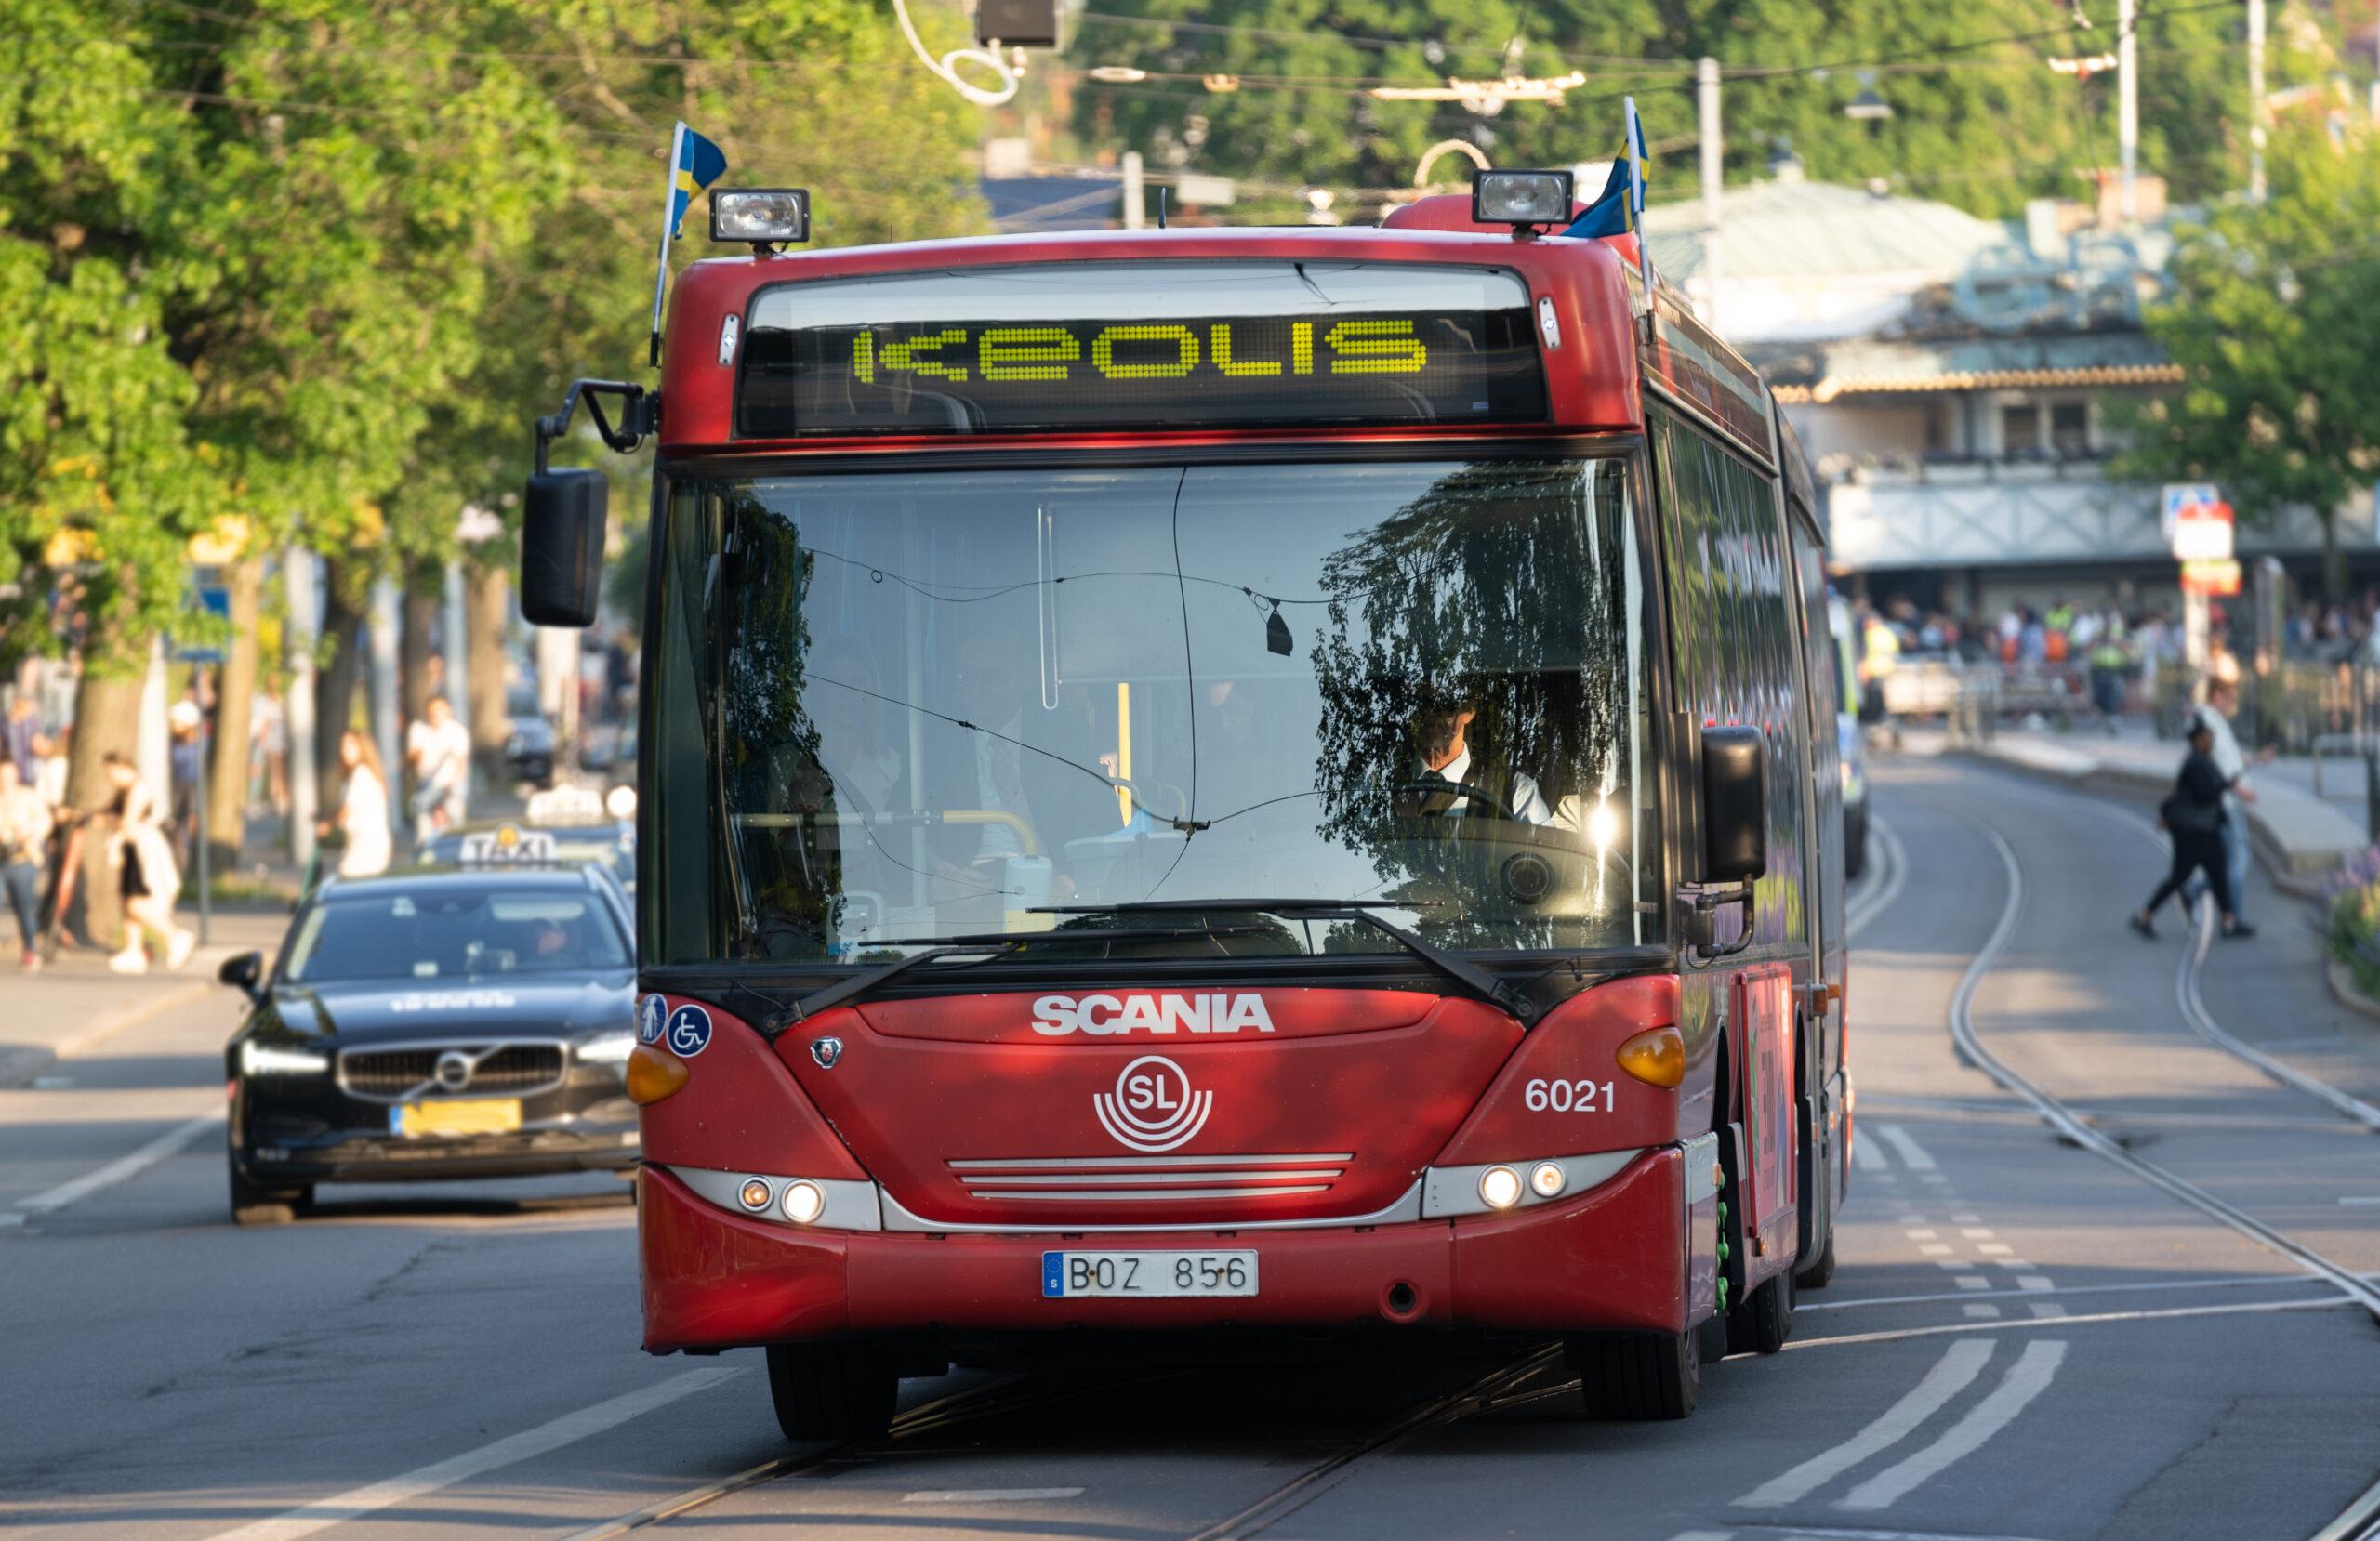 Keolis buses uppsala